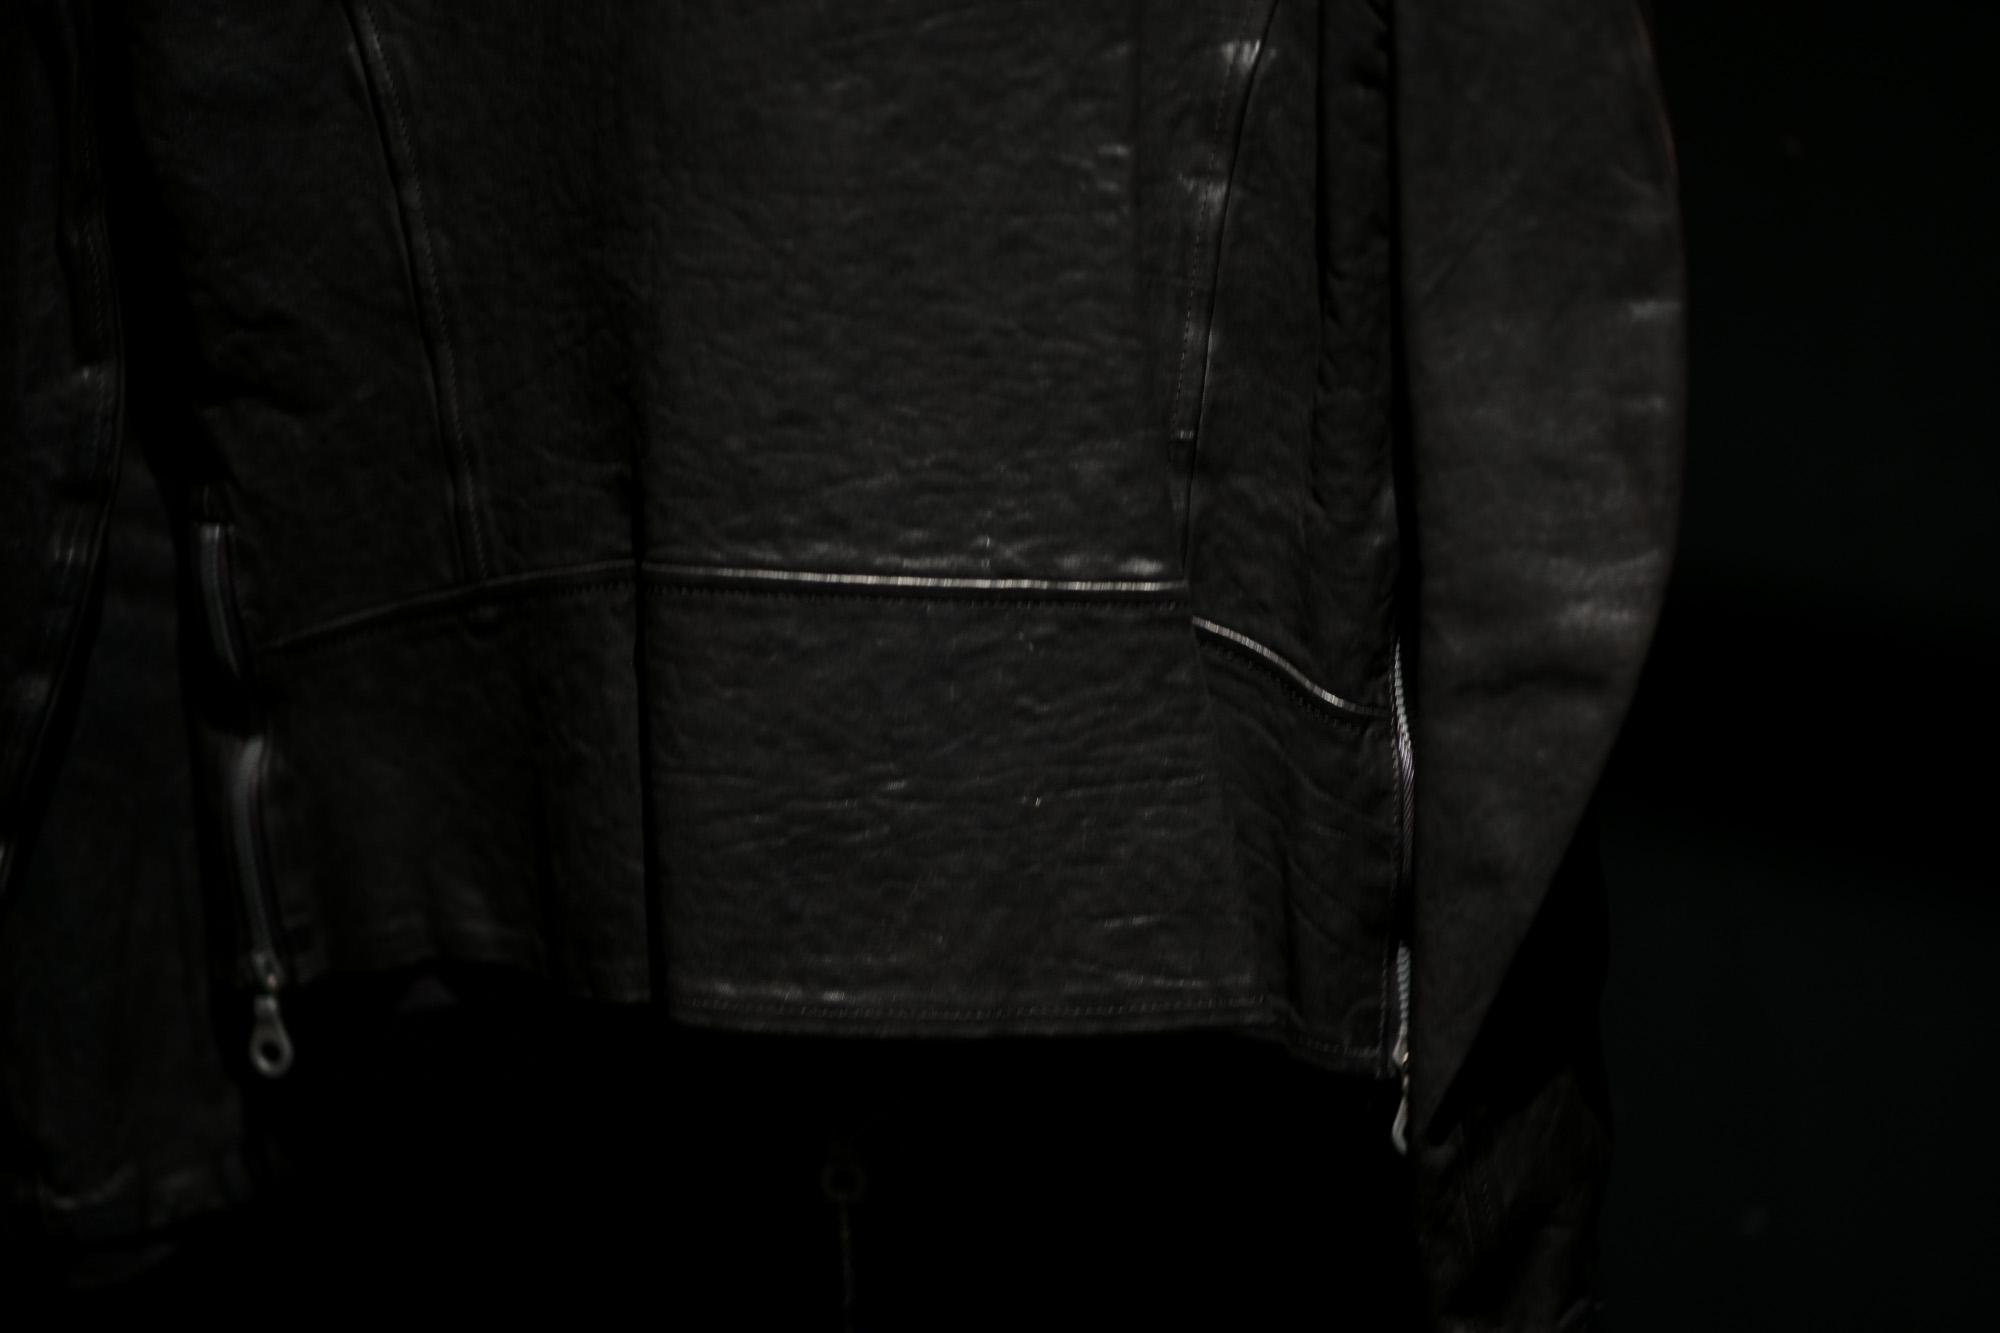 BACKLASH / バックラッシュ (2020秋冬 展示会) 愛知 名古屋 altoediritto アルトエデリット レザージャケット シングルライダース ダブルライダース isamukatayama 片山勇 THE LINE ザライン